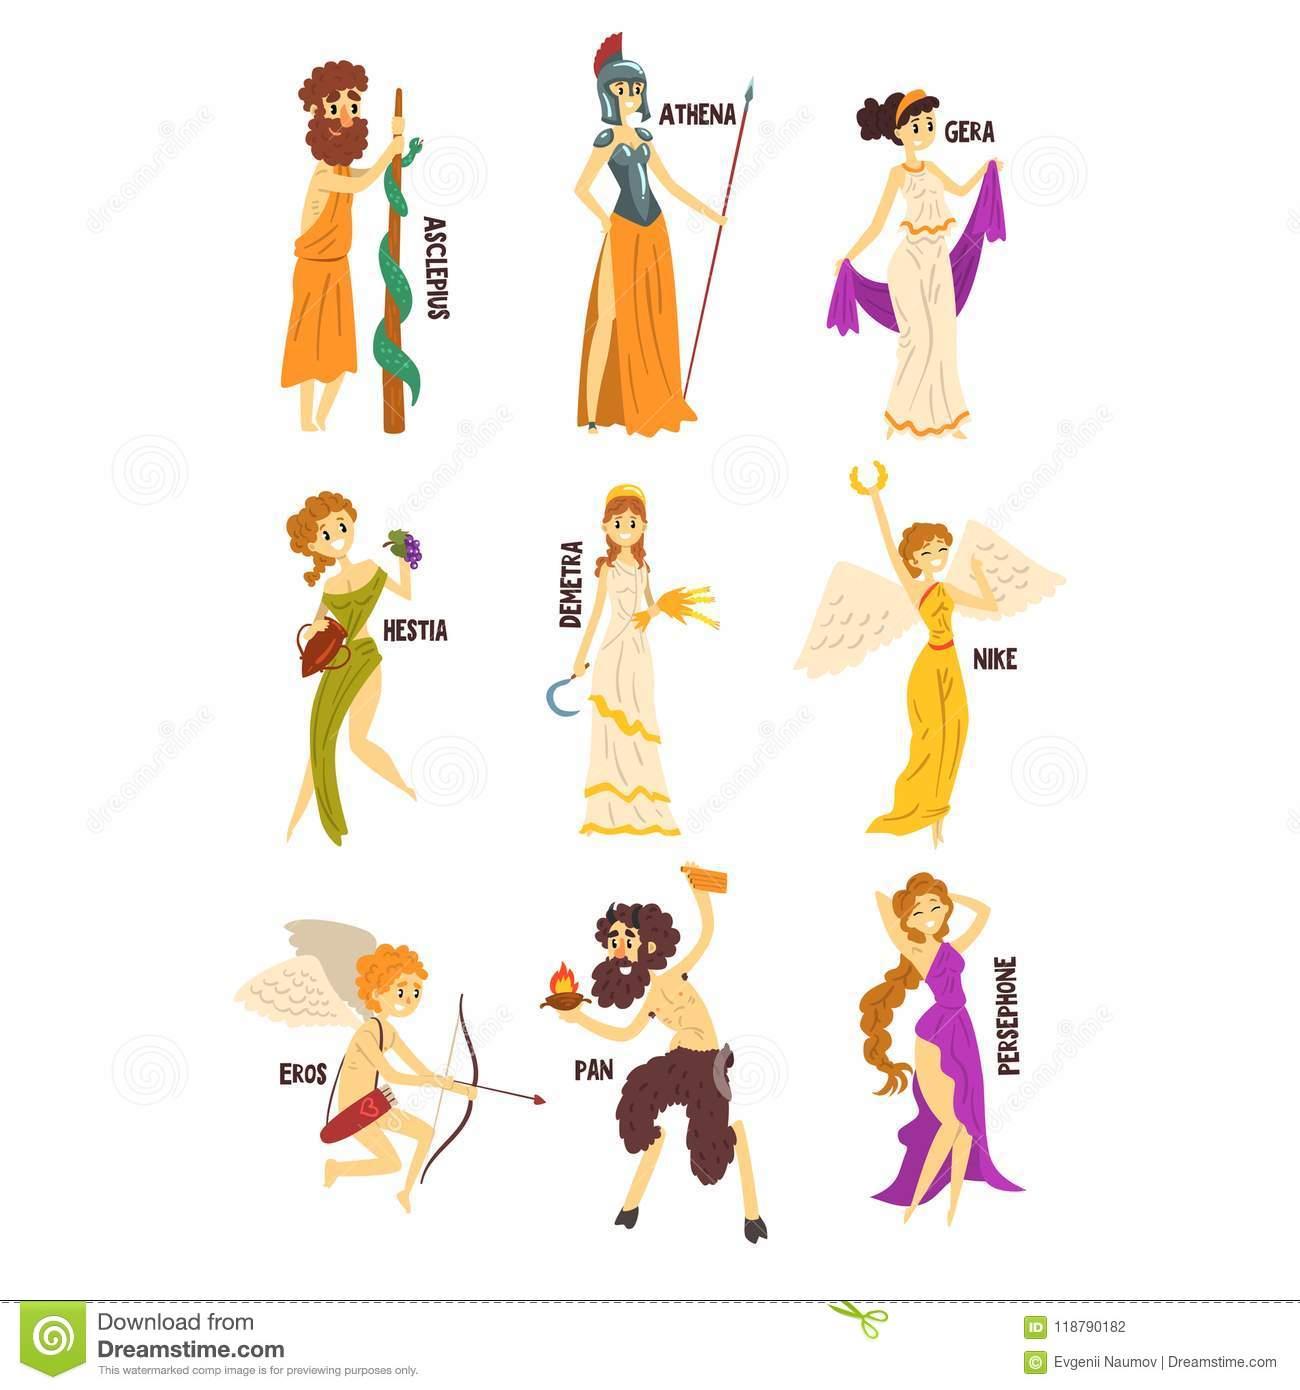 Olympische Griechische Götter Stellten, Persephone, Nike über Griechische Götter Bilder Und Namen